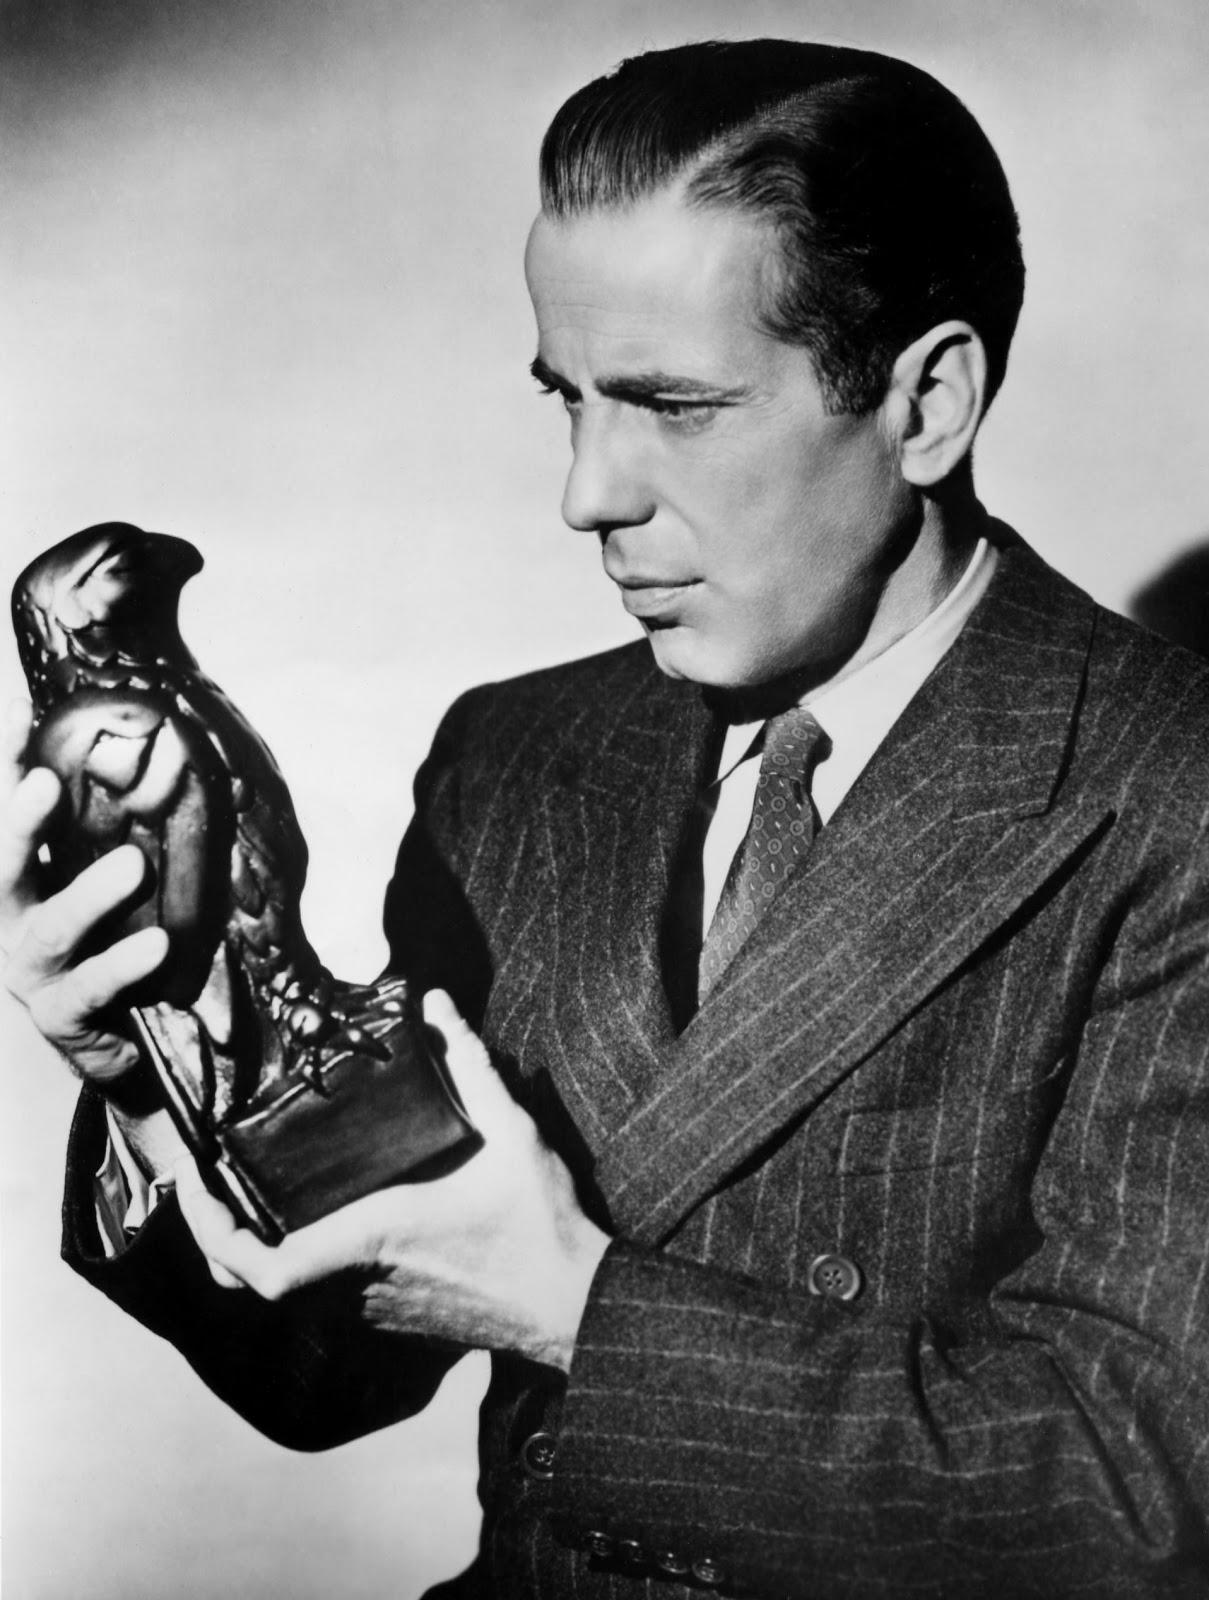 Maltese+Falcon_Bogart.jpg